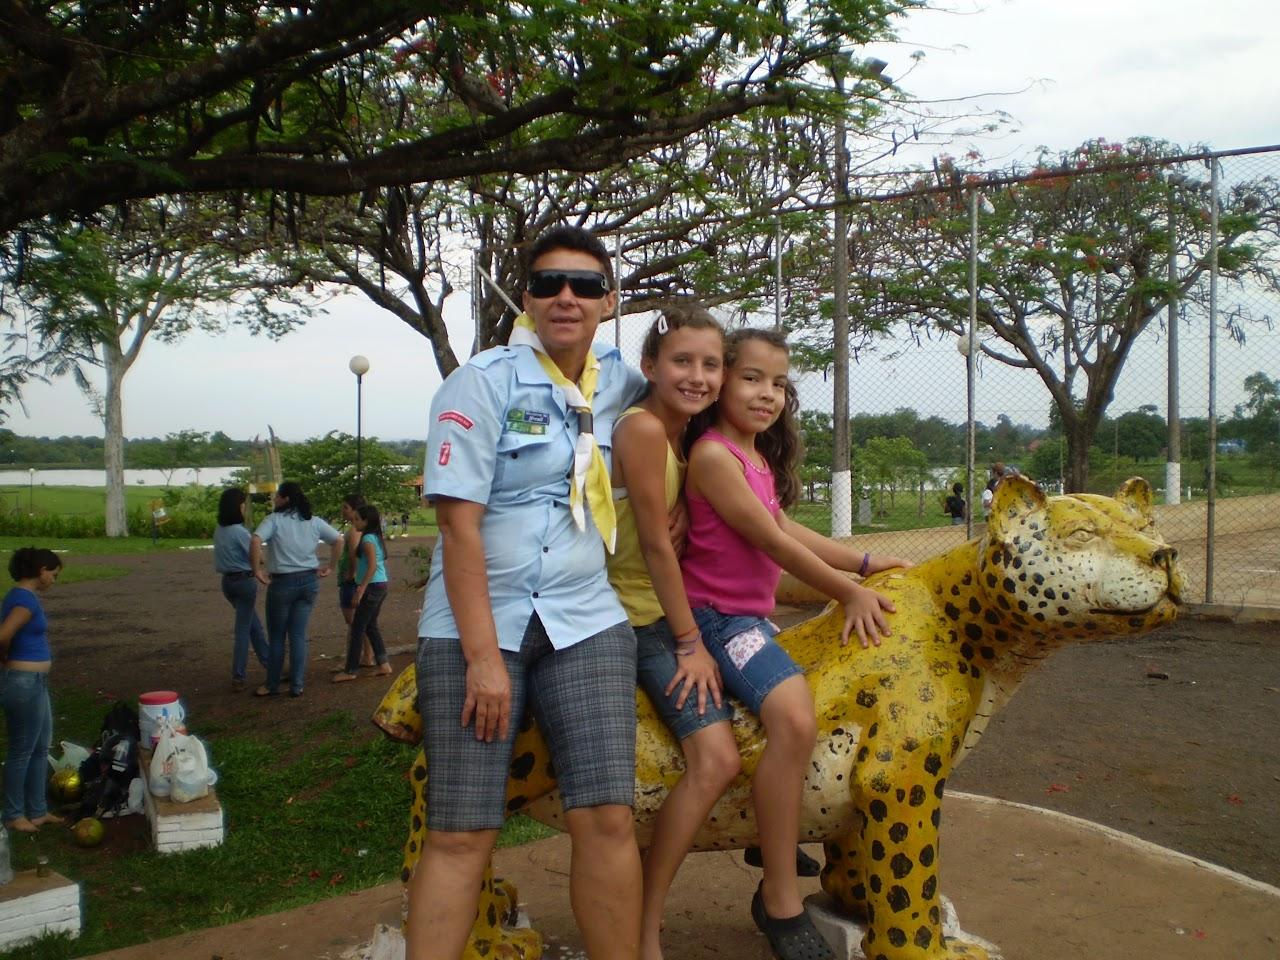 Atividades diversas de 2010 Parque Antenor Martins - Um pouco de tudo!!! - atvd-grupo-12-11-2010 039.JPG